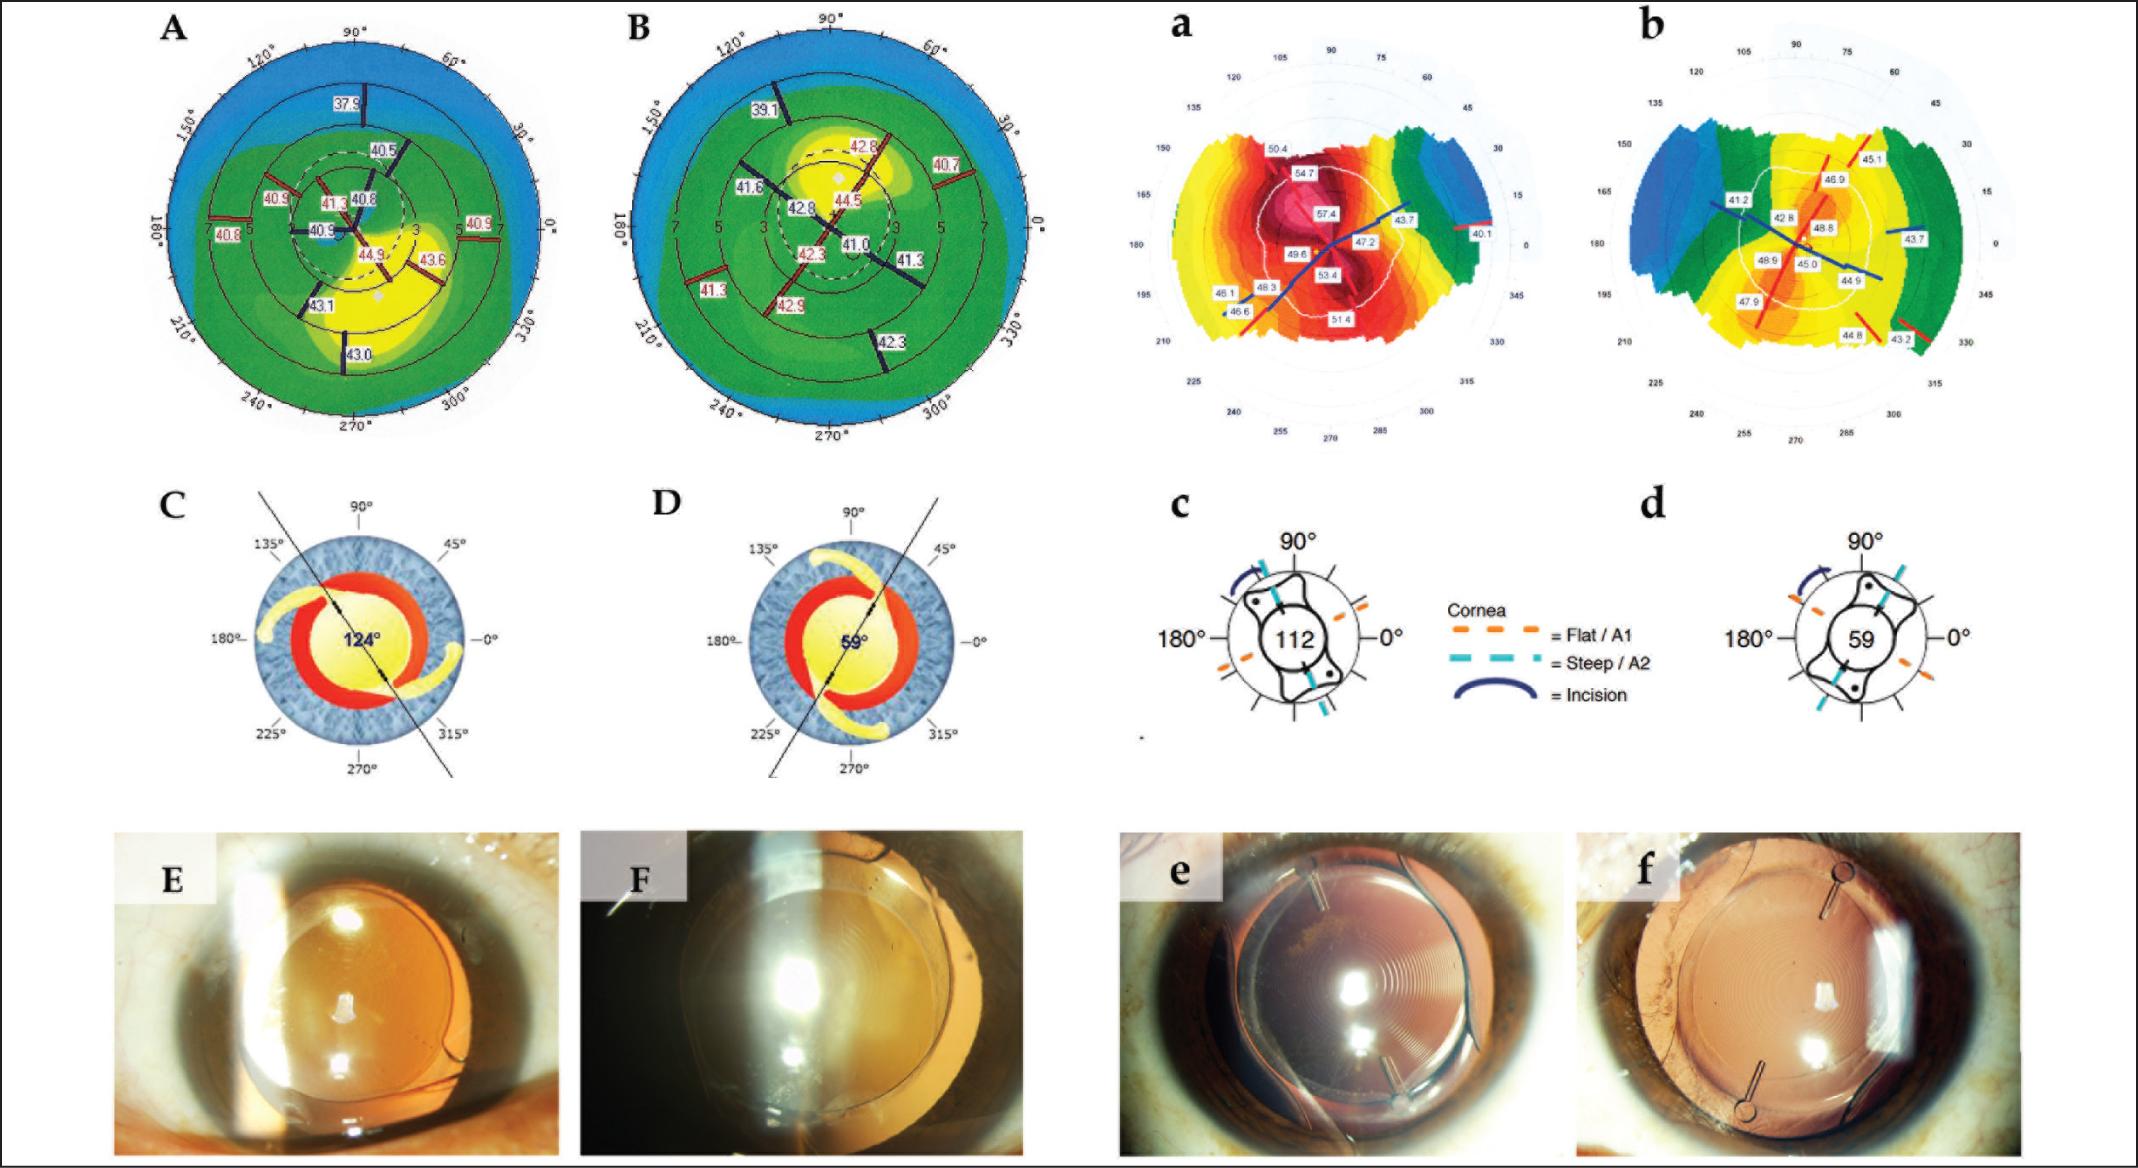 Multifocal Toric Intraocular Lens Implantation for Forme Fruste.